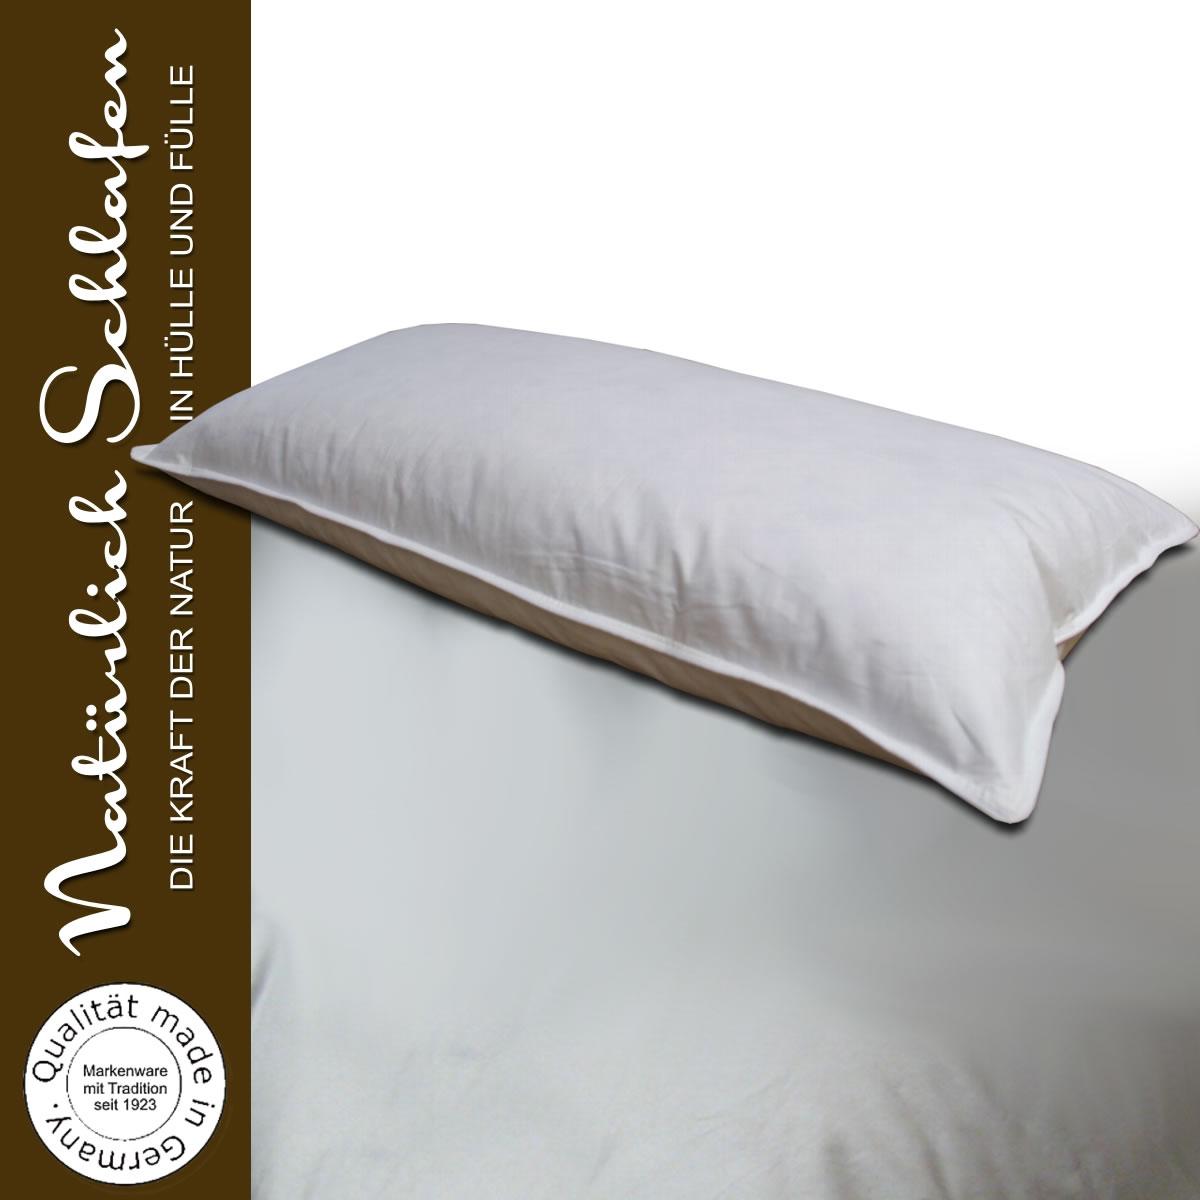 ohne kopfkissen schlafen kleines schlafzimmer streichen ideen lattenroste testsieger komplett. Black Bedroom Furniture Sets. Home Design Ideas